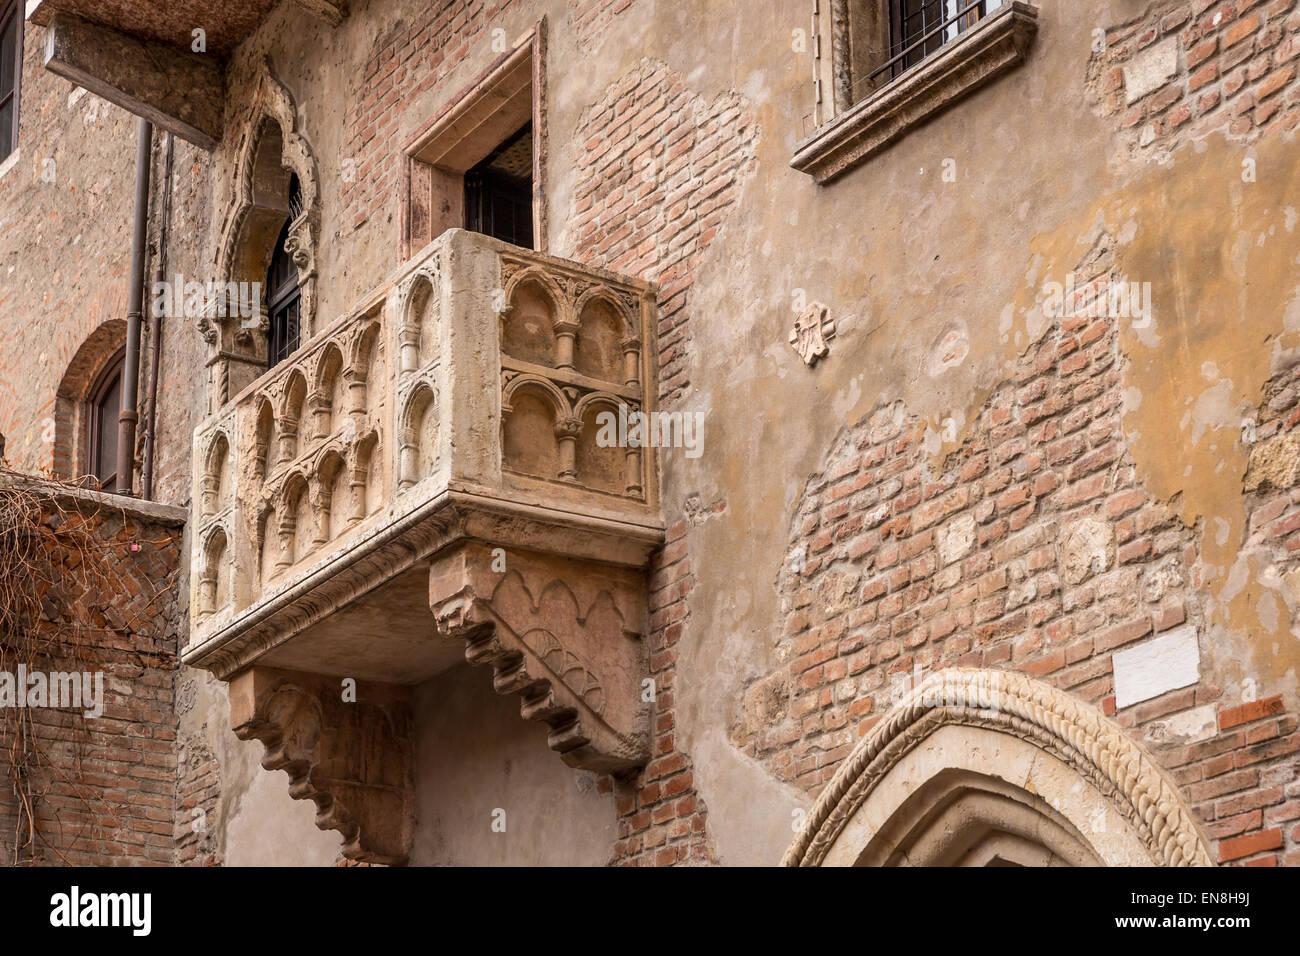 Julias Balkon, Verona, UNESCO-Weltkulturerbe, Venetien, Italien Stockbild